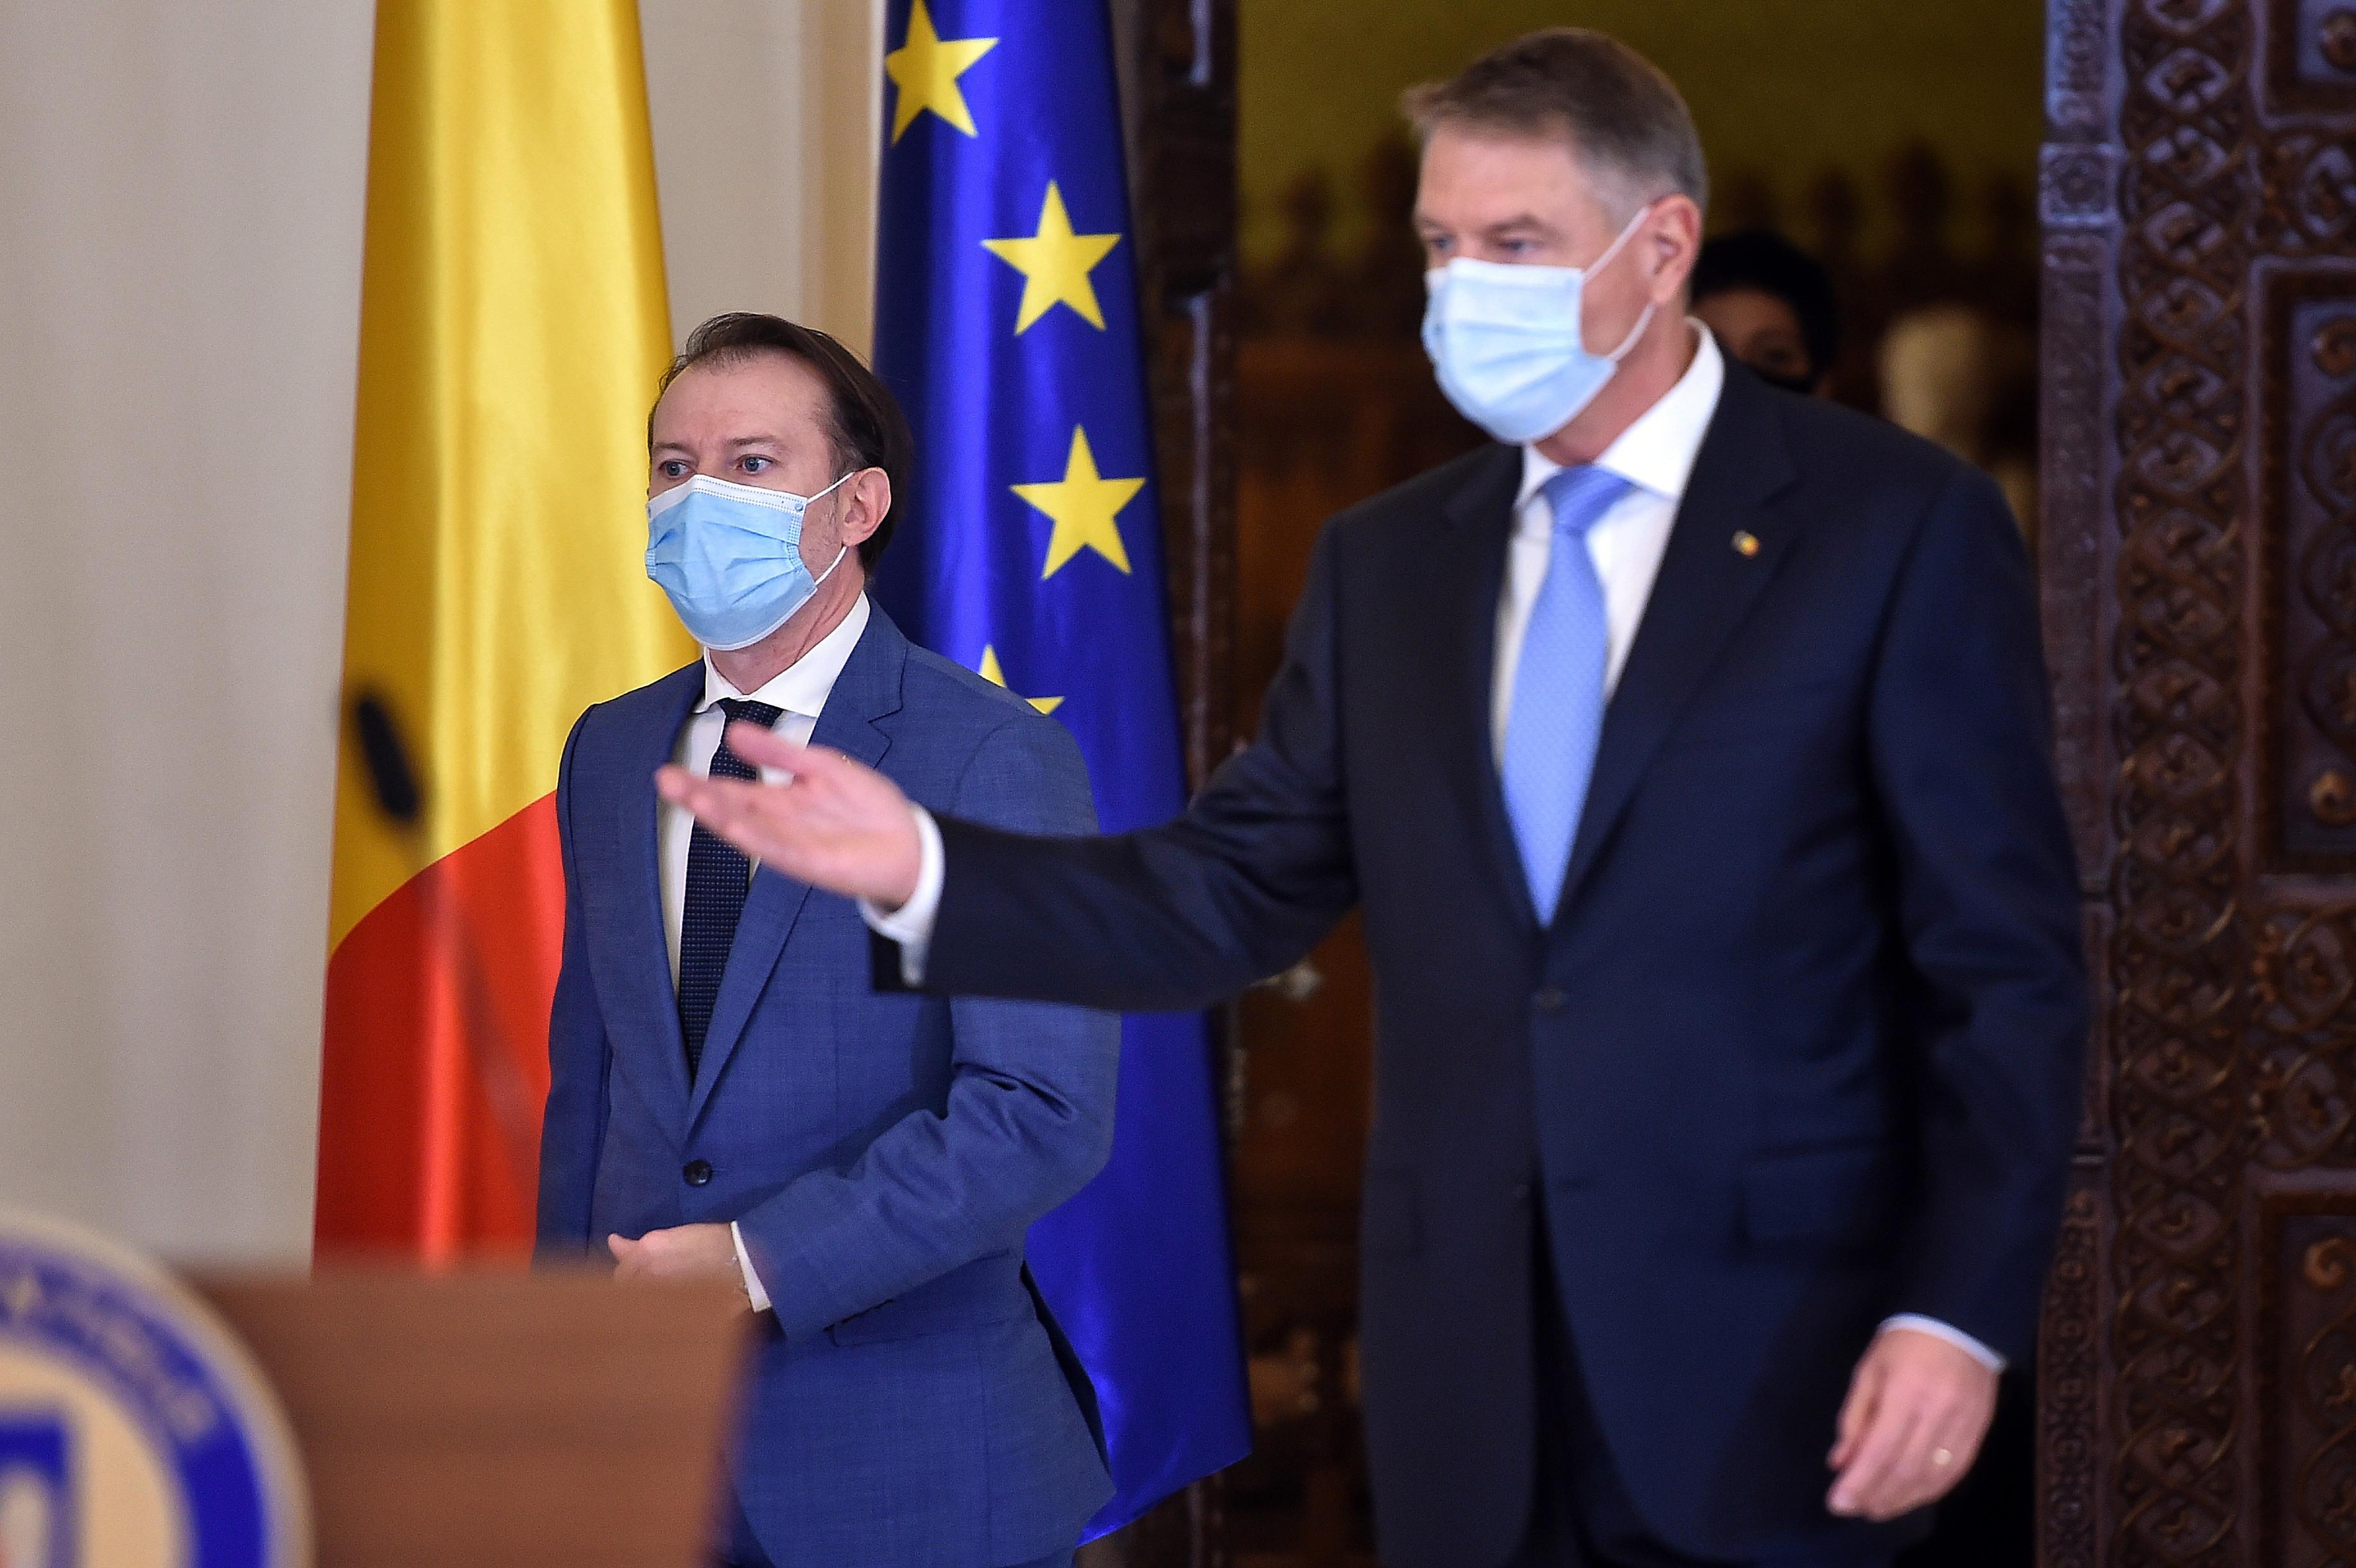 Ședință la Cotroceni pe tema Planului Național de Redresare și Reziliență